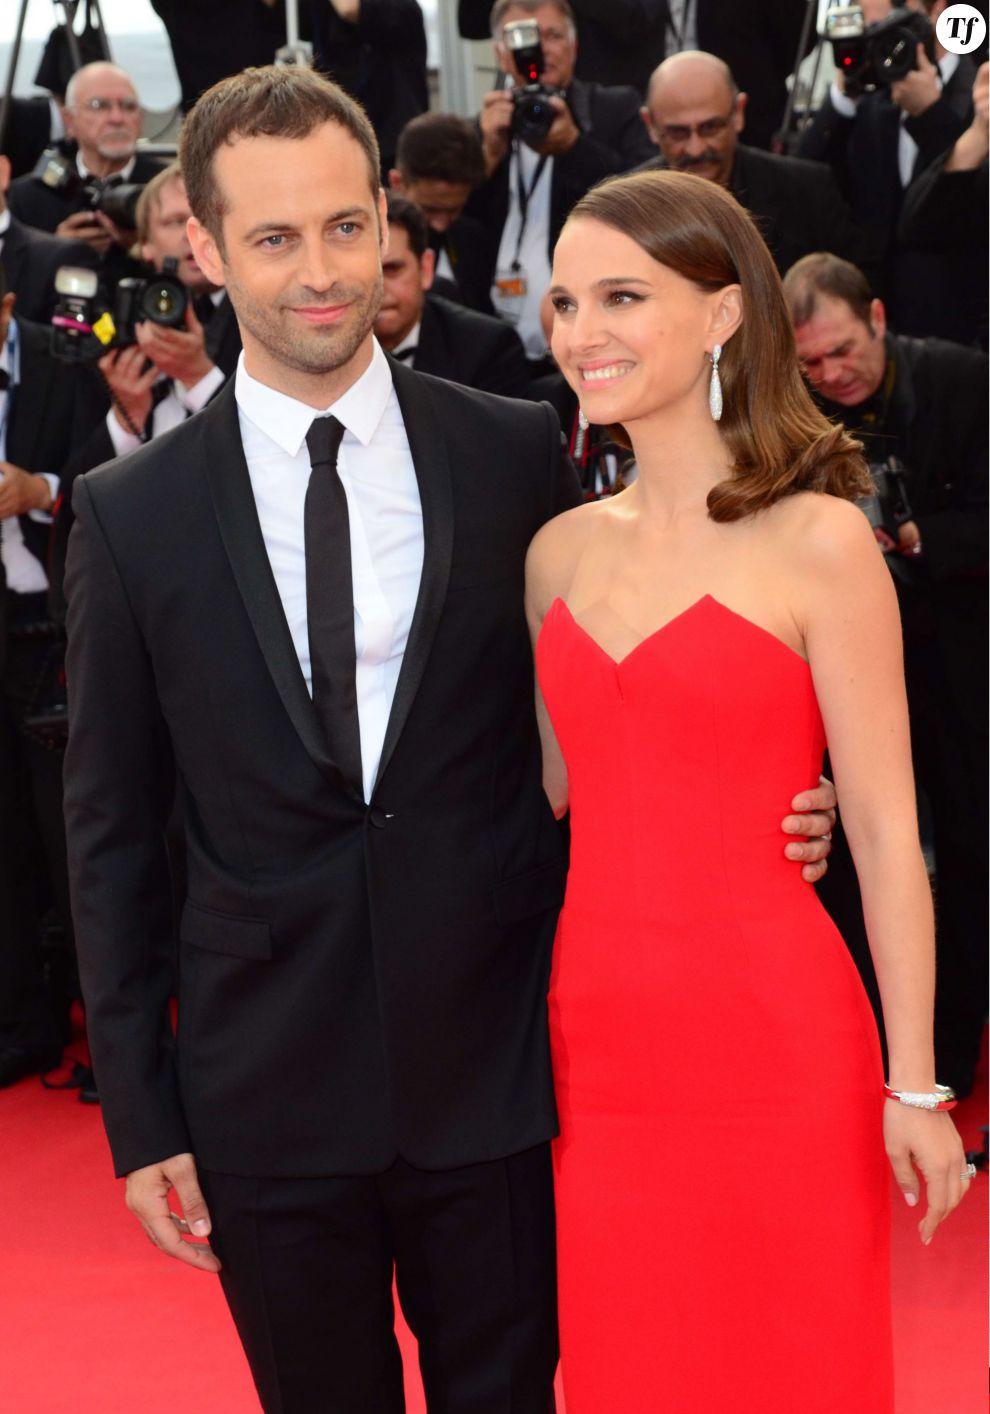 Natalie Portman et son mari Benjamin Millepied sur le tapis rouge pour la cérémonie d'ouverture du Festival de Cannes 2015